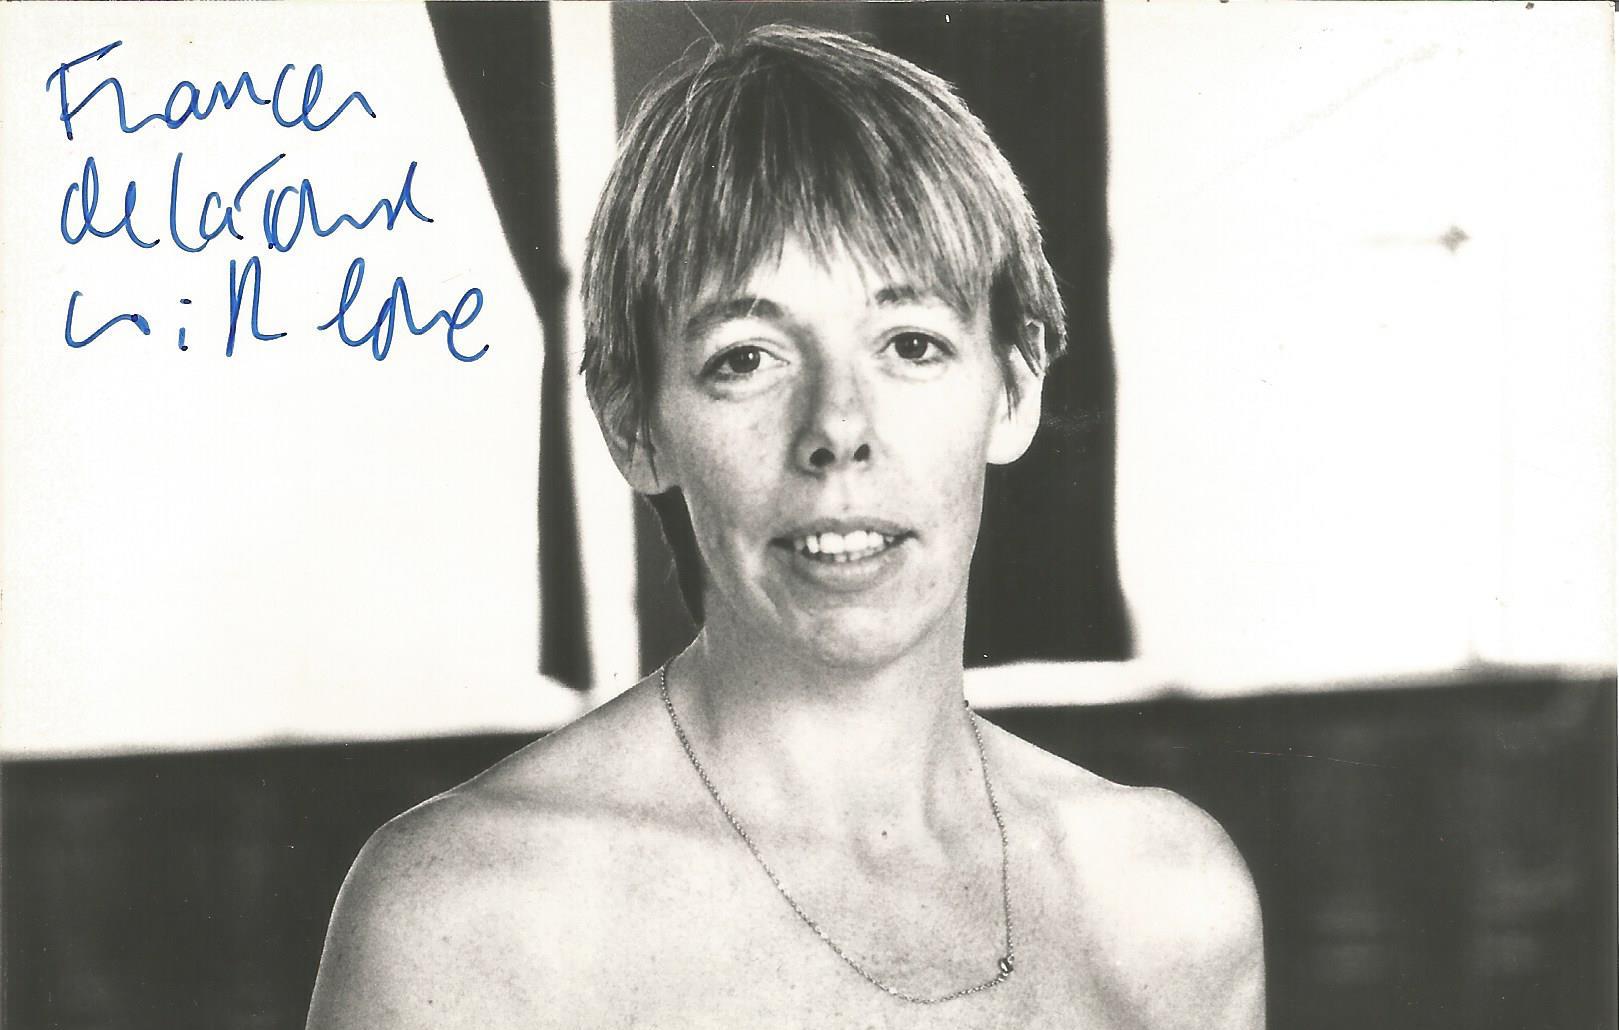 Frances de la Tour signed 6x4 black and white photograph. Frances is an English actress, known for